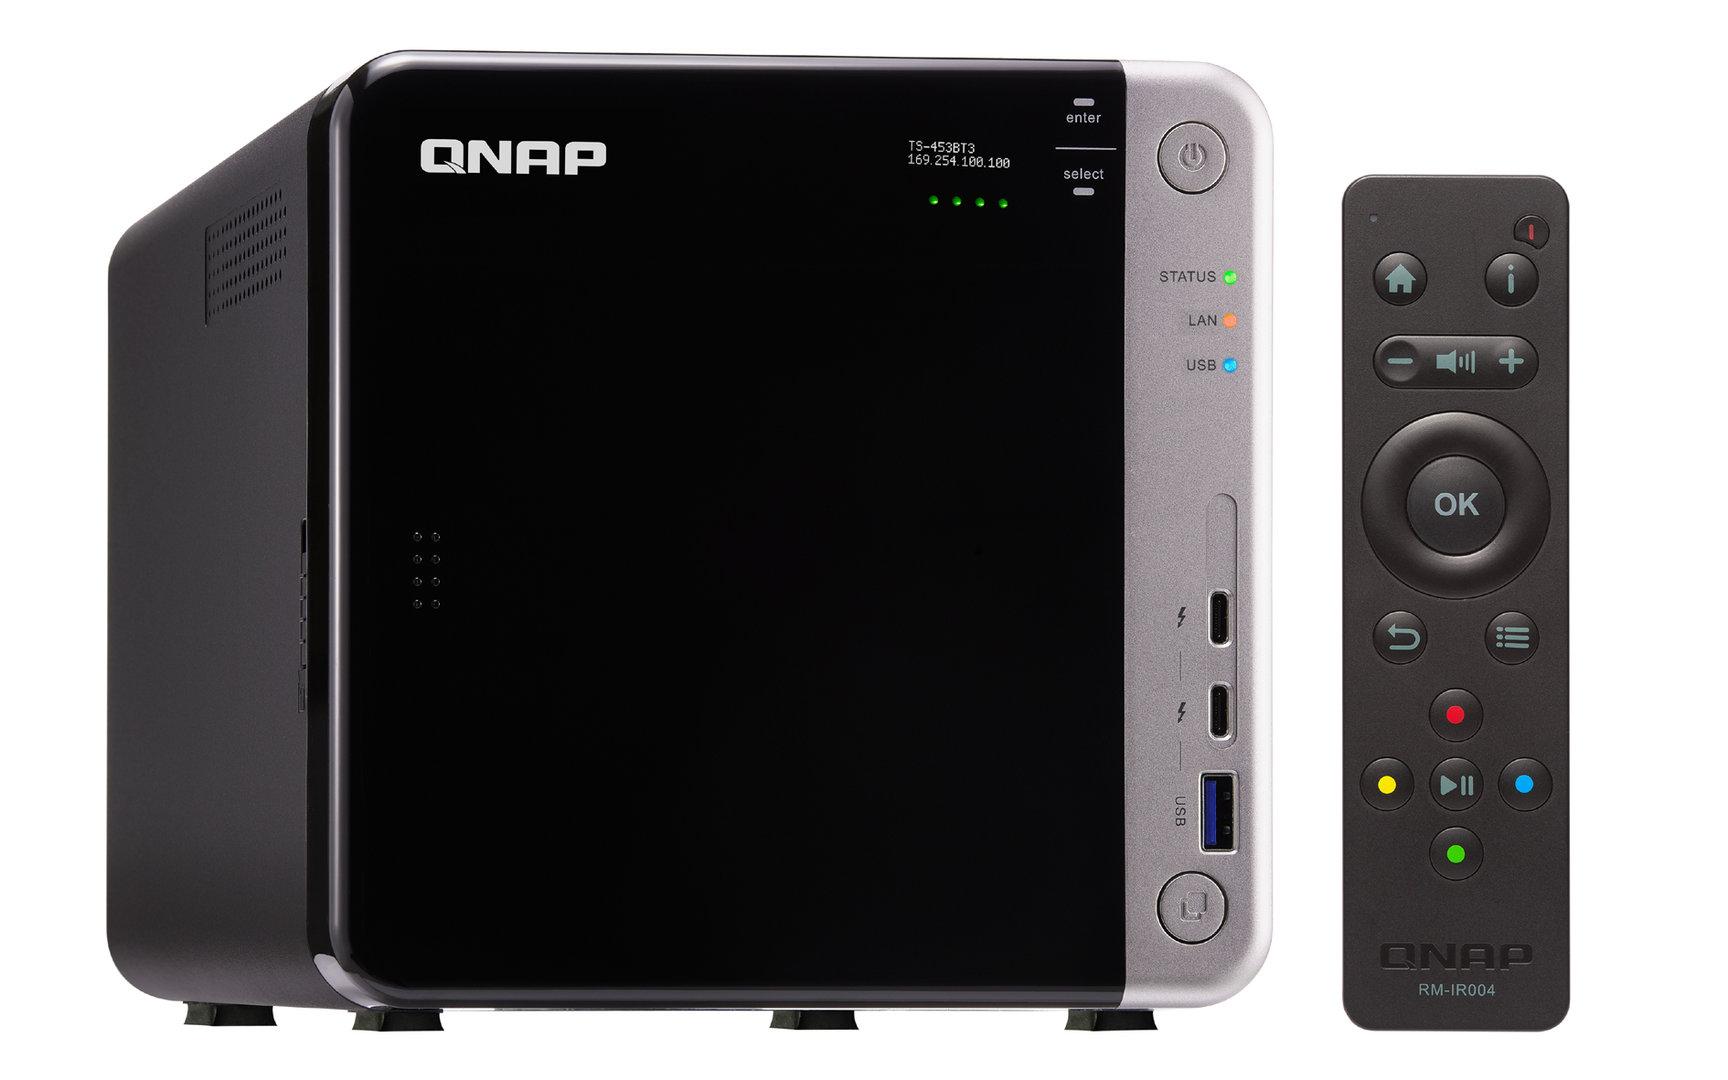 QNAP TS-453BT3